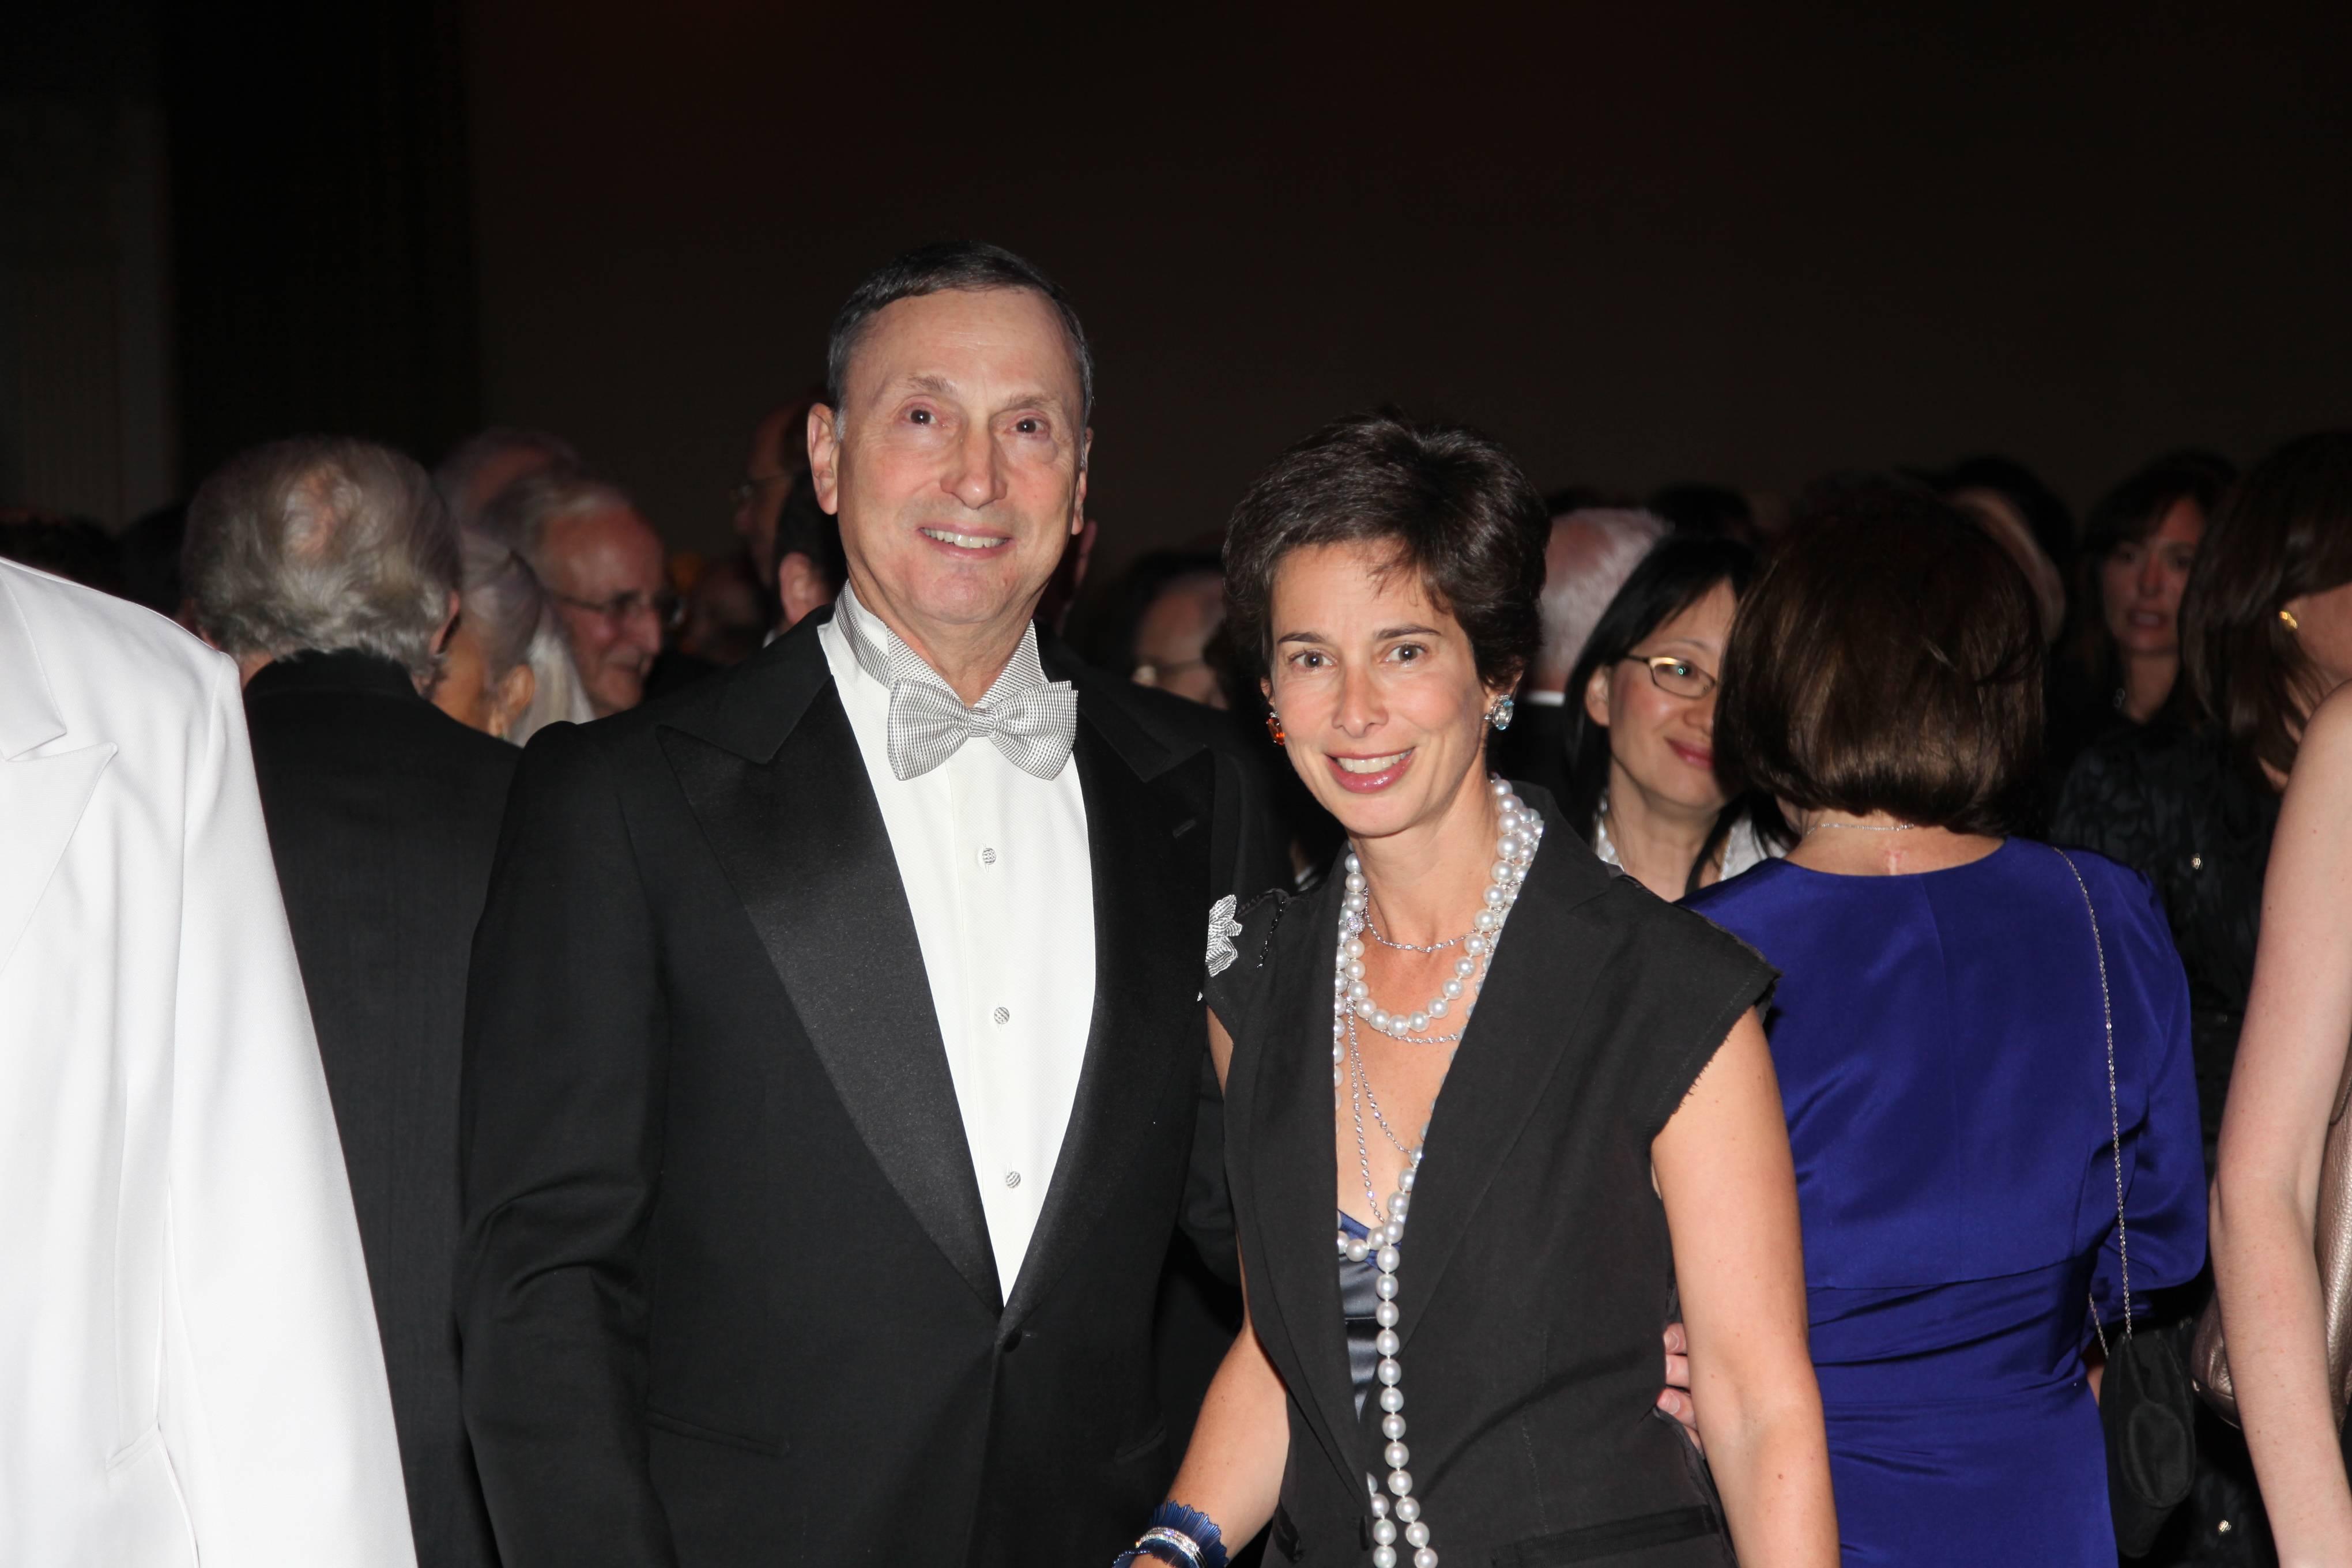 Dean Grossman and Alice Tisch